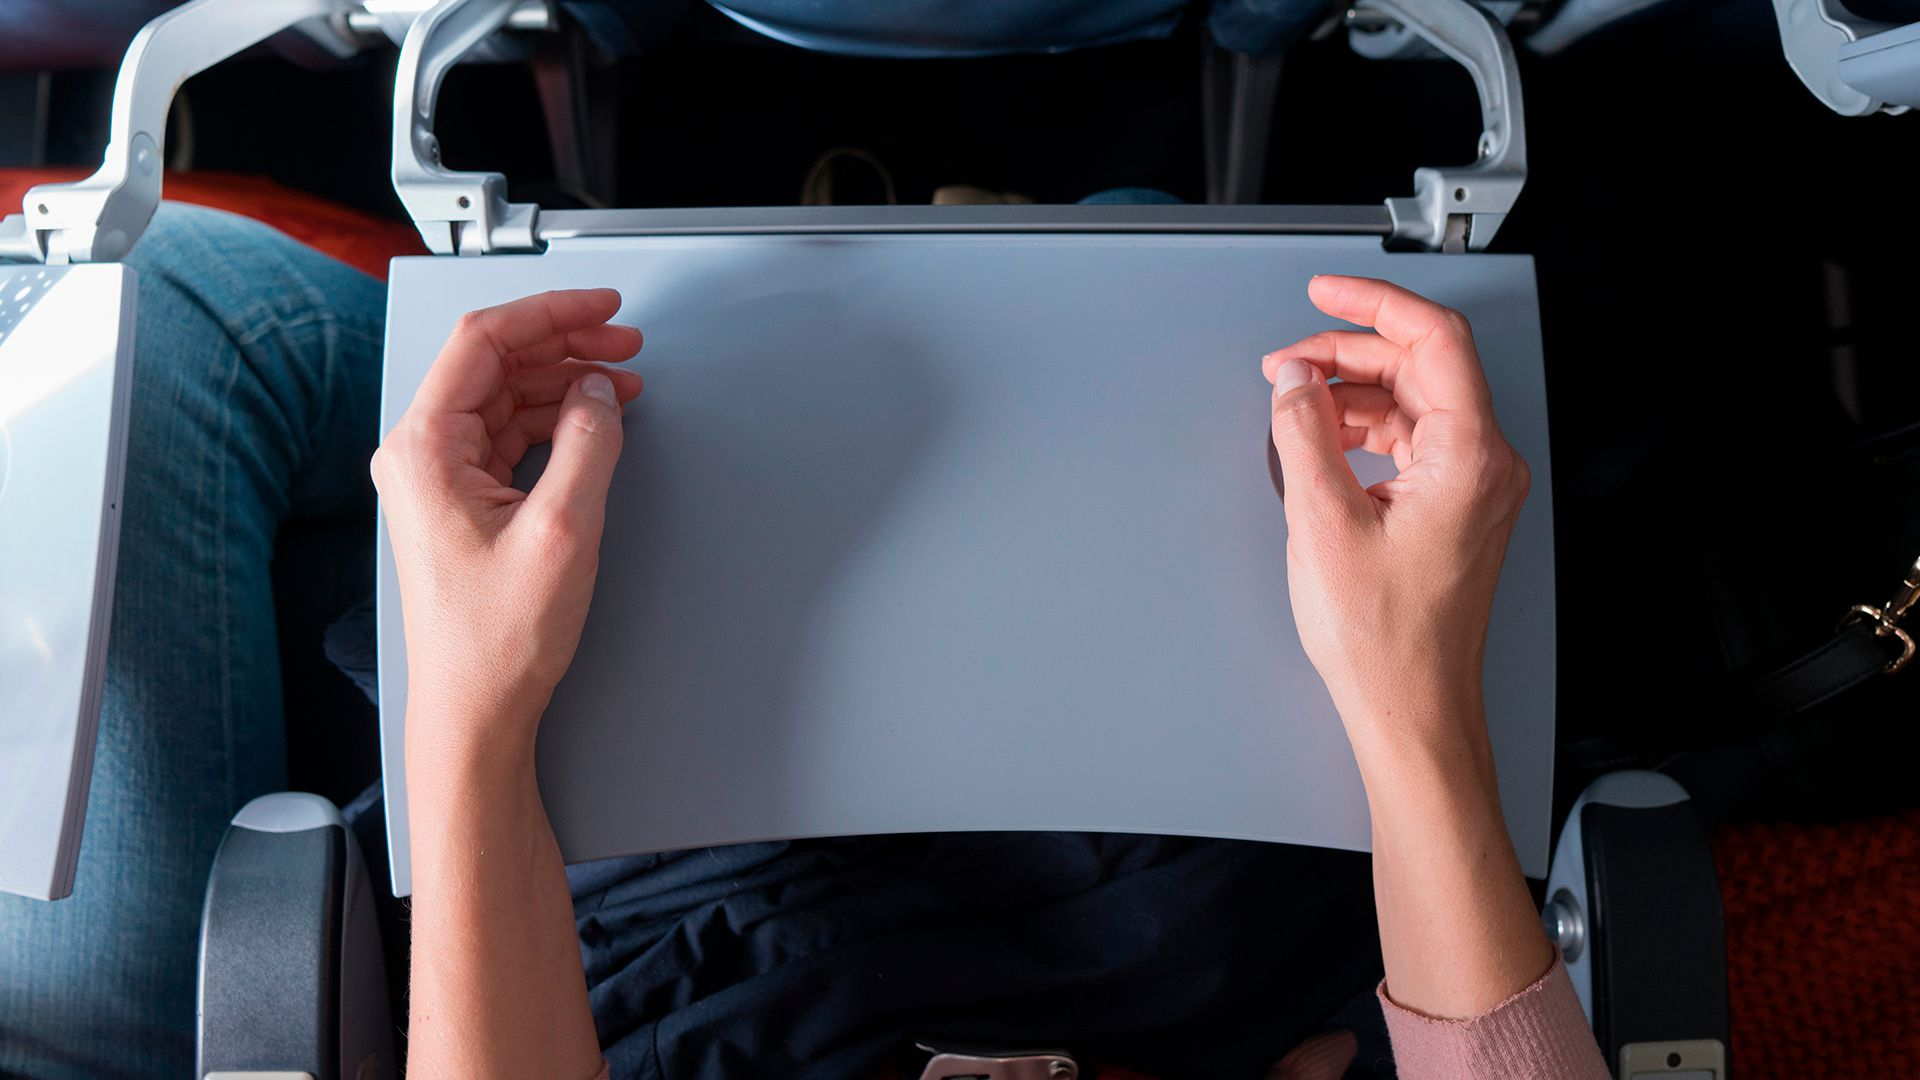 Según los hallazgos develados por una investigación, el contacto con superficies contaminadas o personas infectadas al abordar, mover o desembarcar de la aeronave puede desempeñar un papel fundamental en la transmisión de infecciones durante el vuelo (Shutterstock)